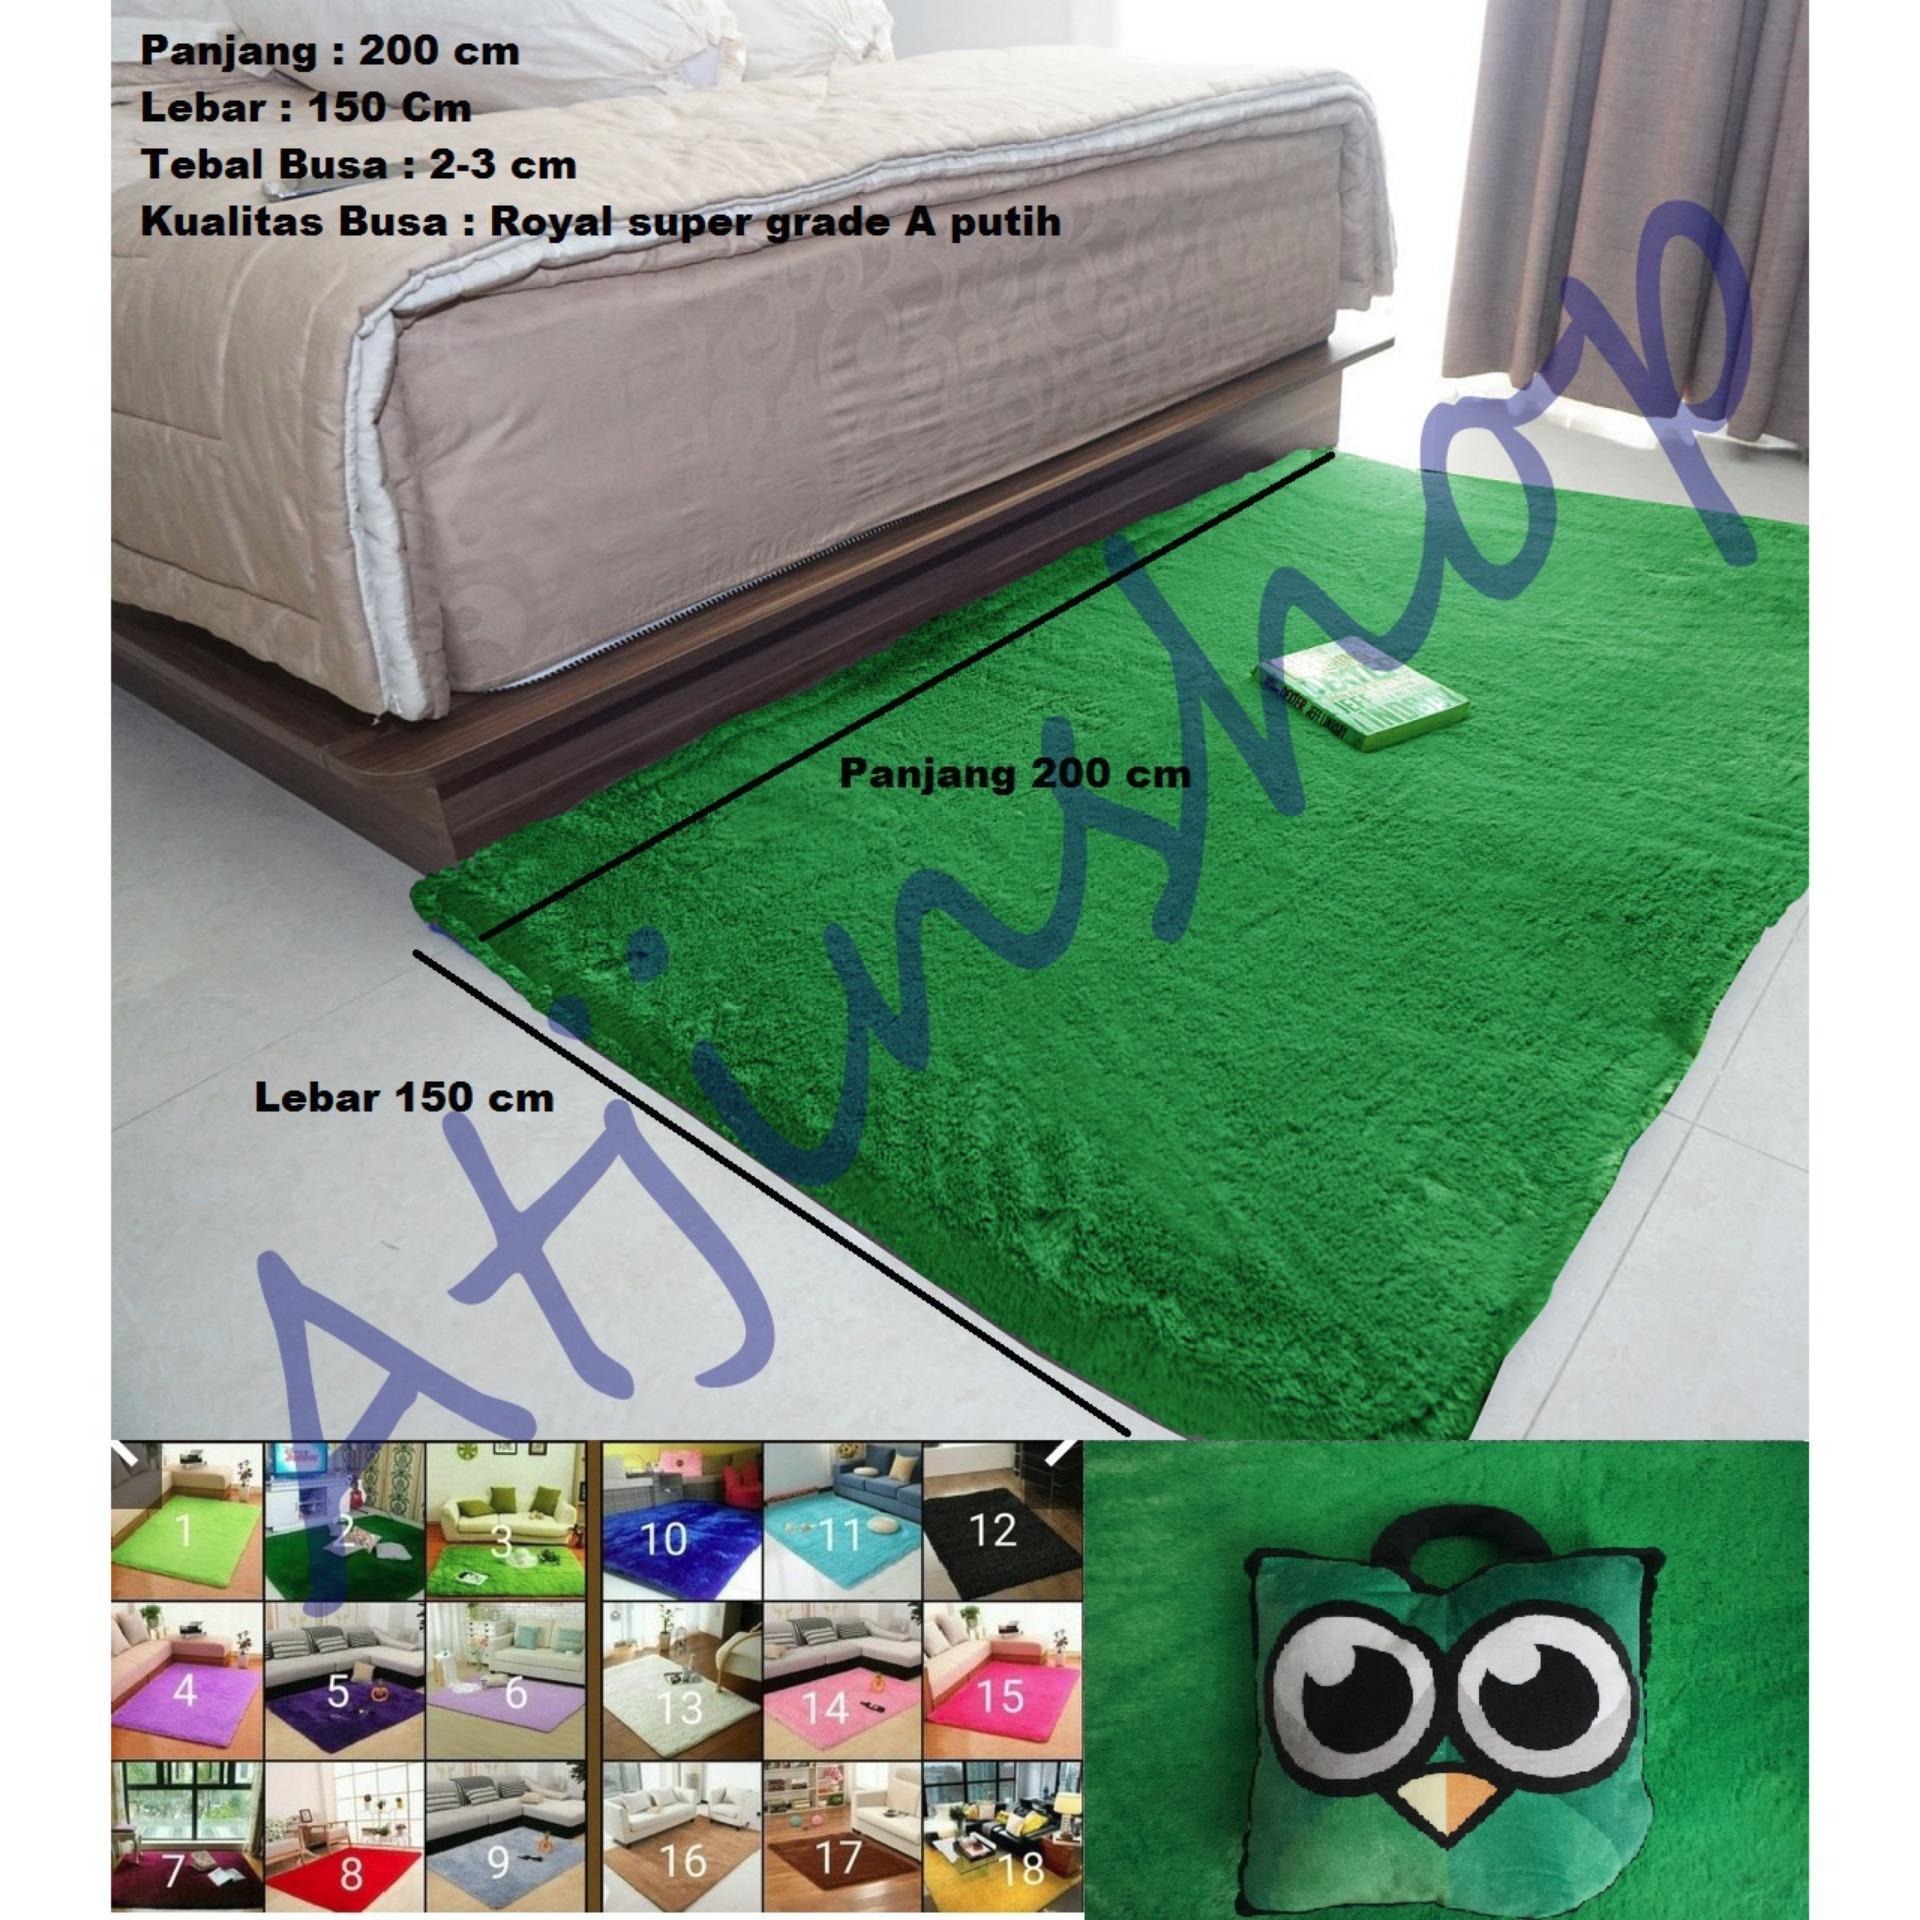 Perbandingan Harga Tjincollection Karpet Bulu Rasfur Lembut Busa Super Berkualitas 200 X 150 Cm Ready 16 Warna Di Jawa Barat